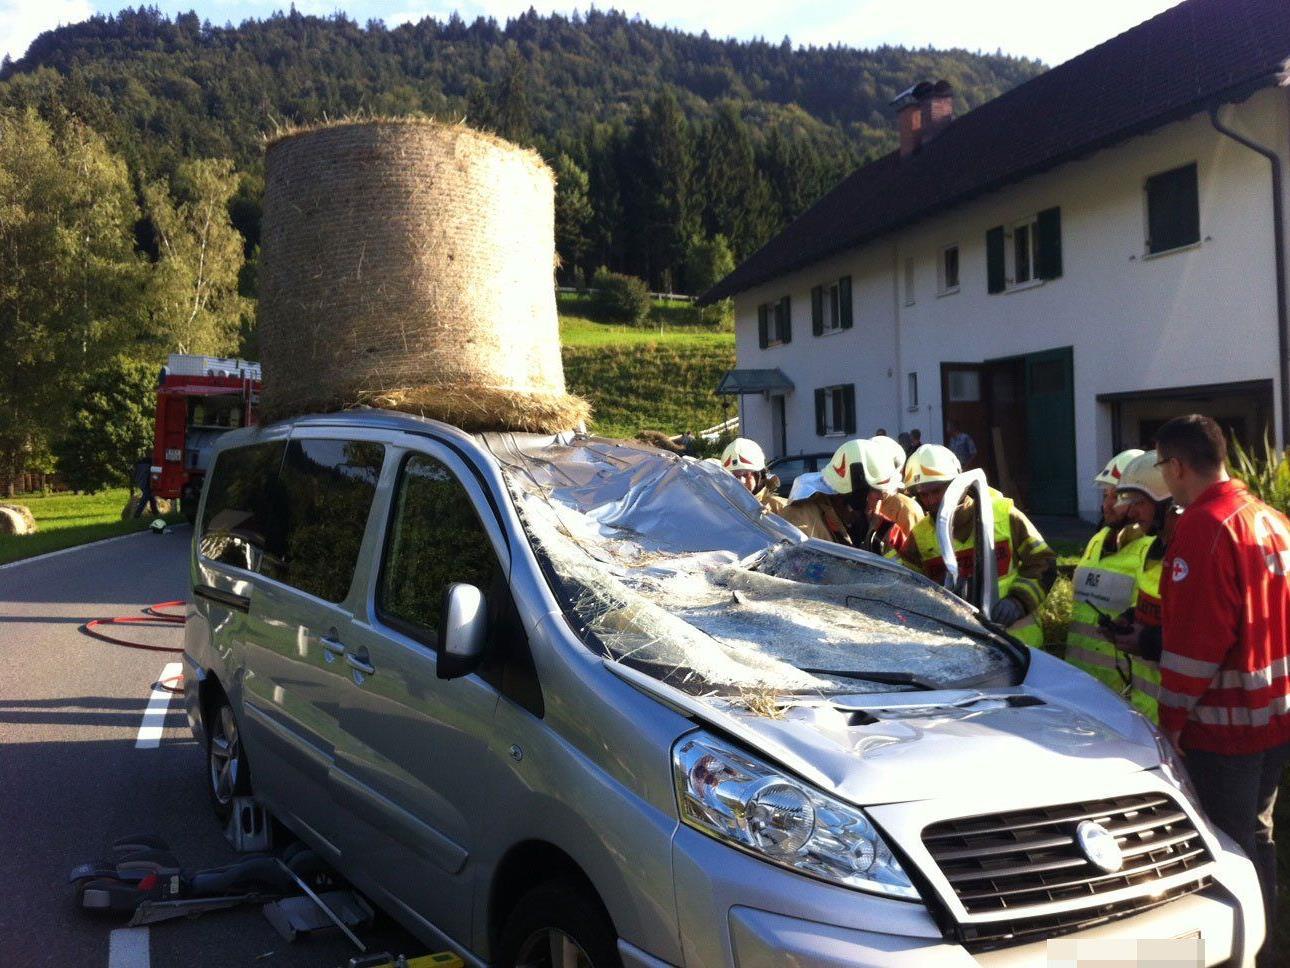 Tödlicher Unfall in Göfis: Für eine Pkw-Lenkerin kam jede Hilfe zu spät.